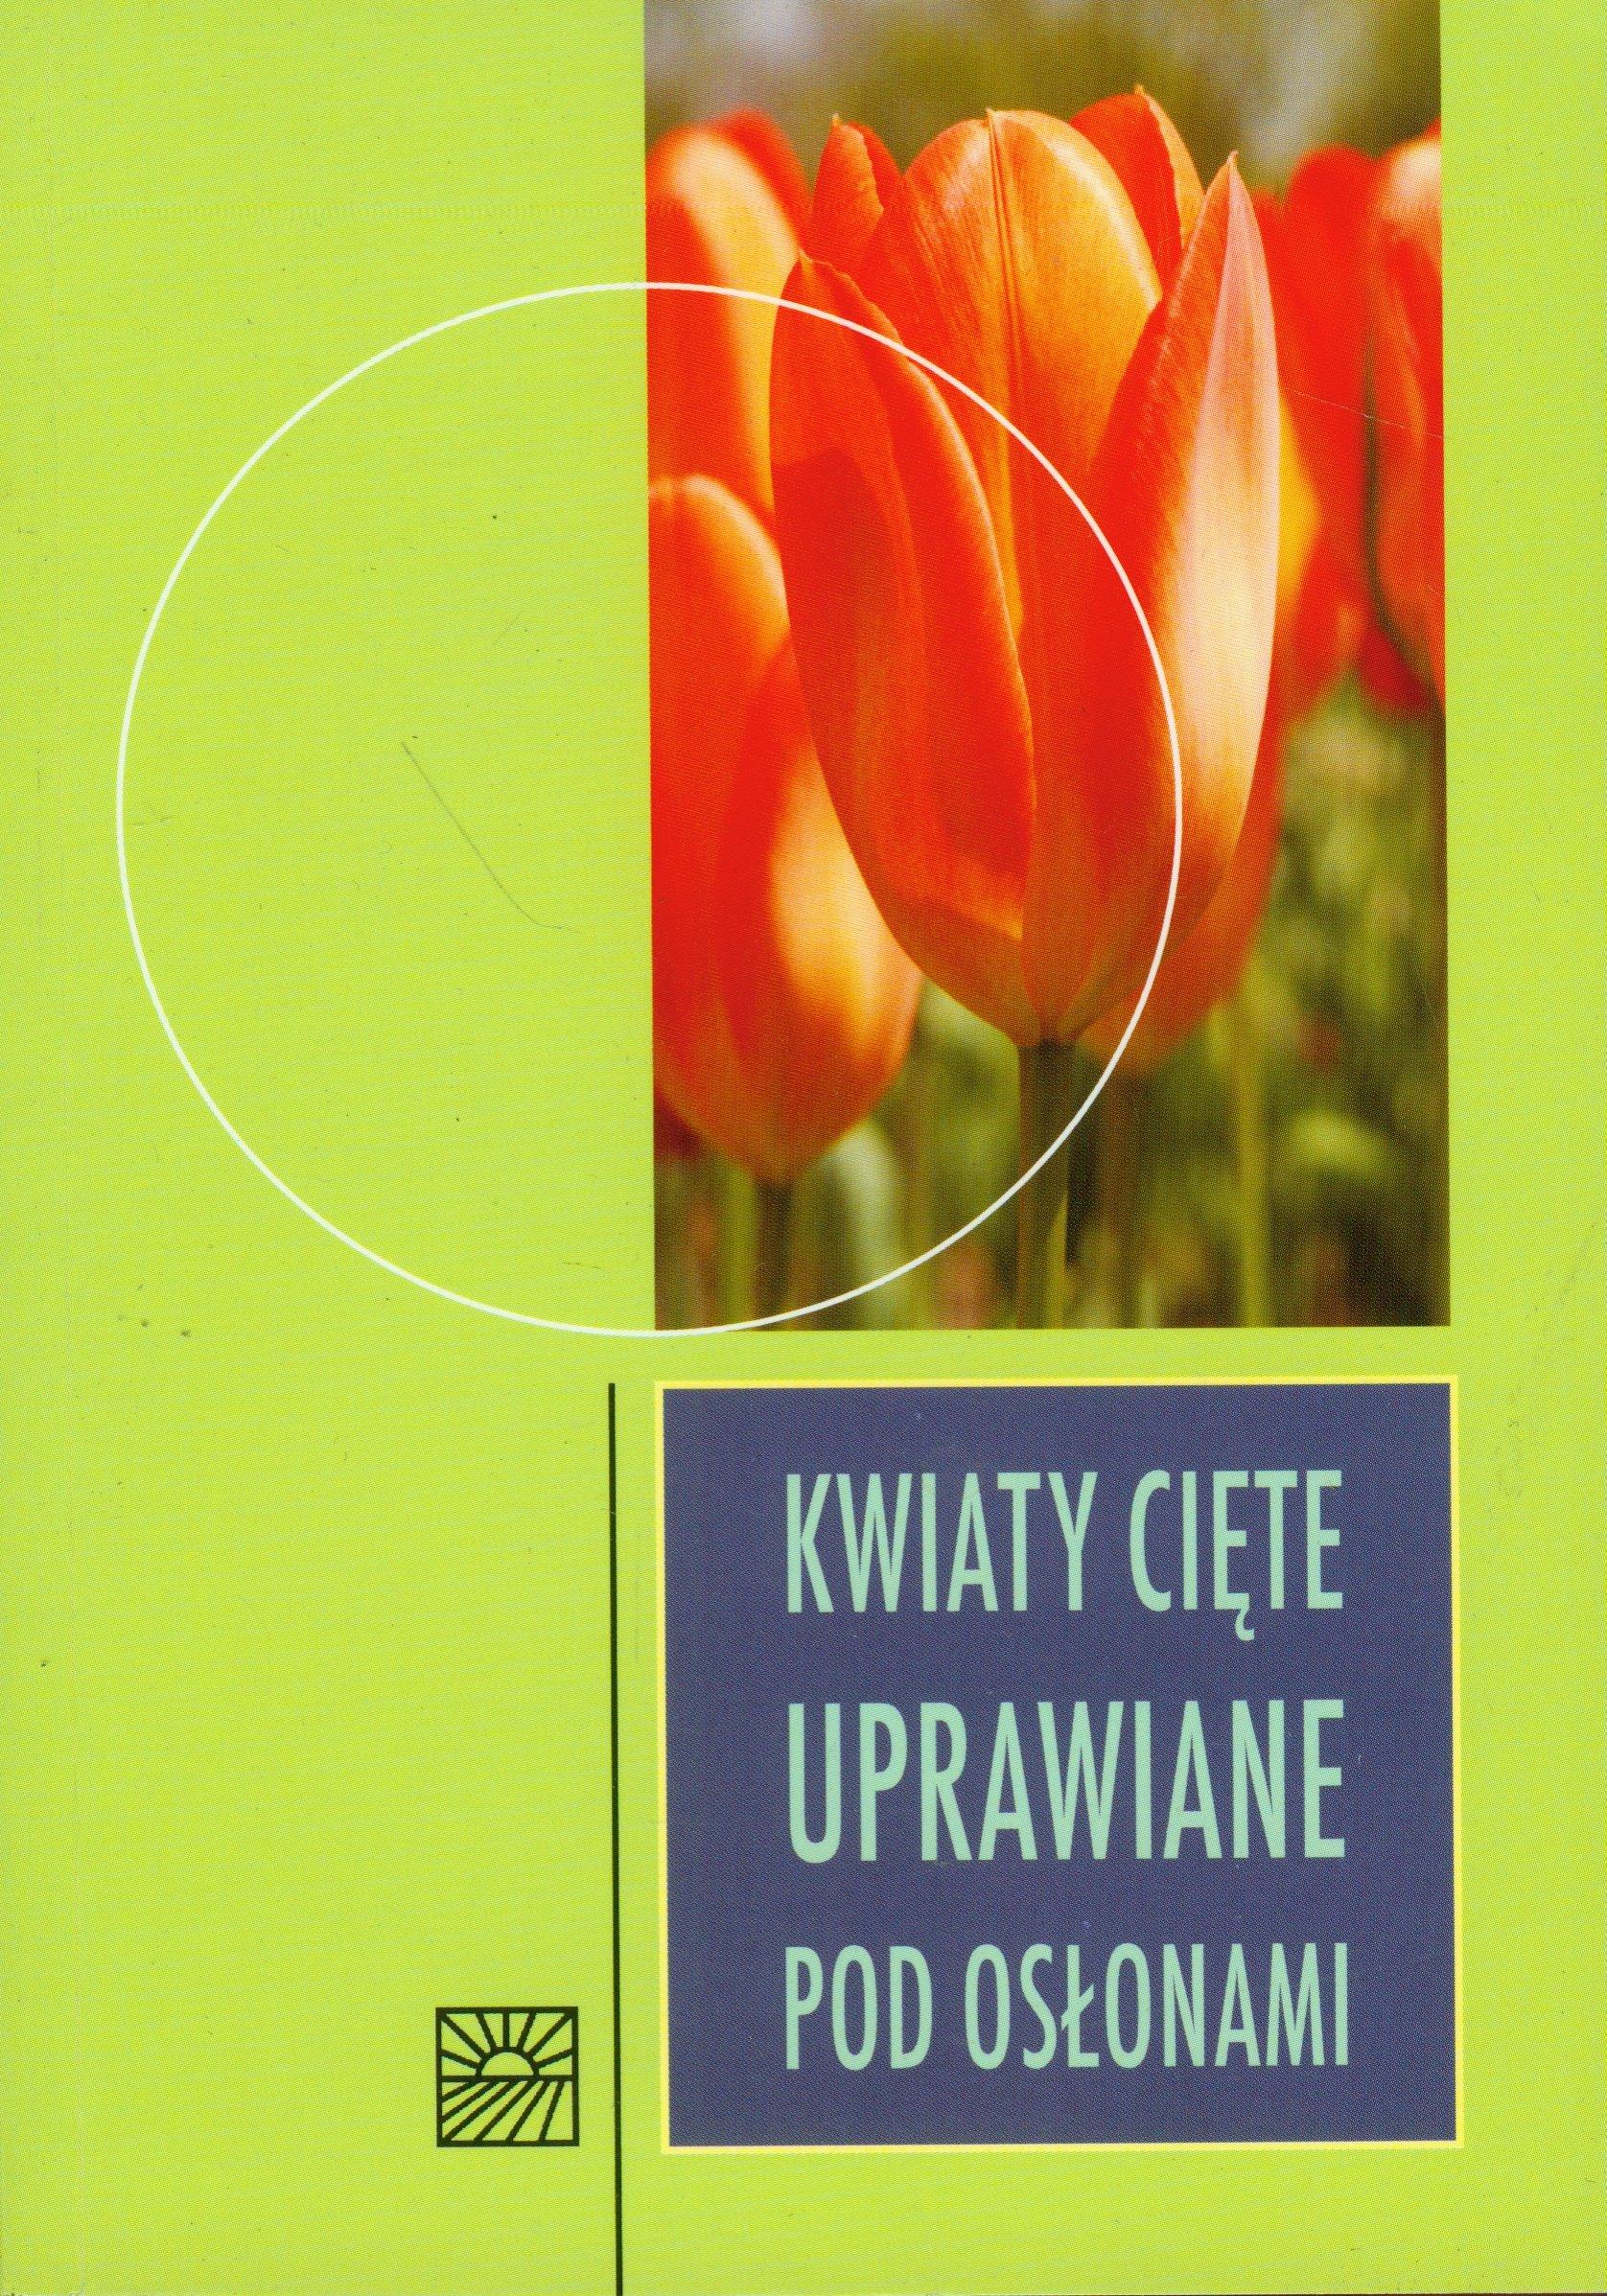 Kwiaty Ciete Uprawiane Pod Oslonami Praca Zbiorowa Jacek Purchla Red 9788309018261 Amazon Com Books